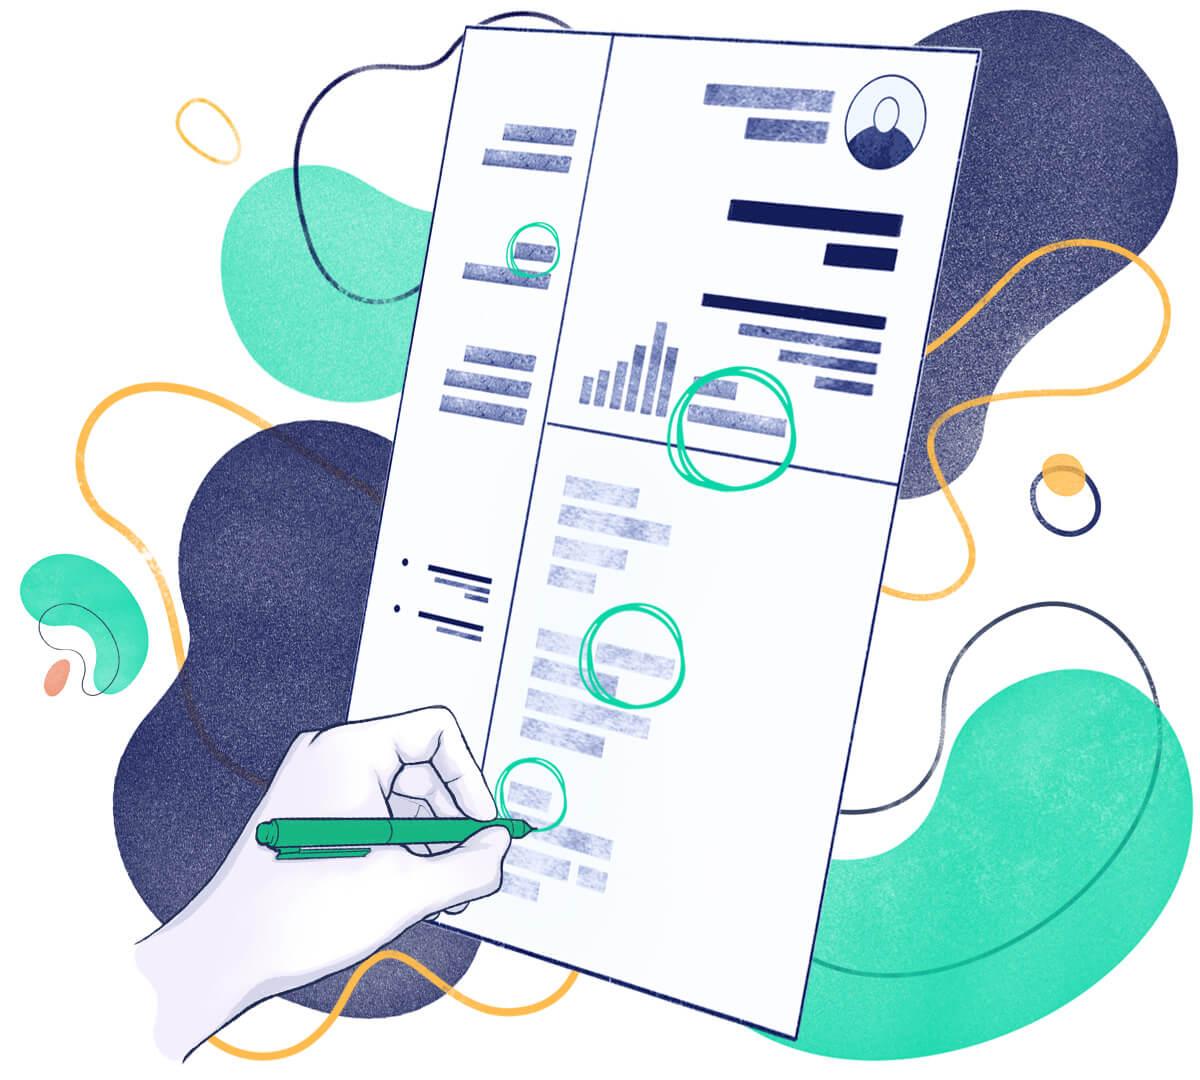 250+ CV Action Words & CV Verbs for Strong CVs